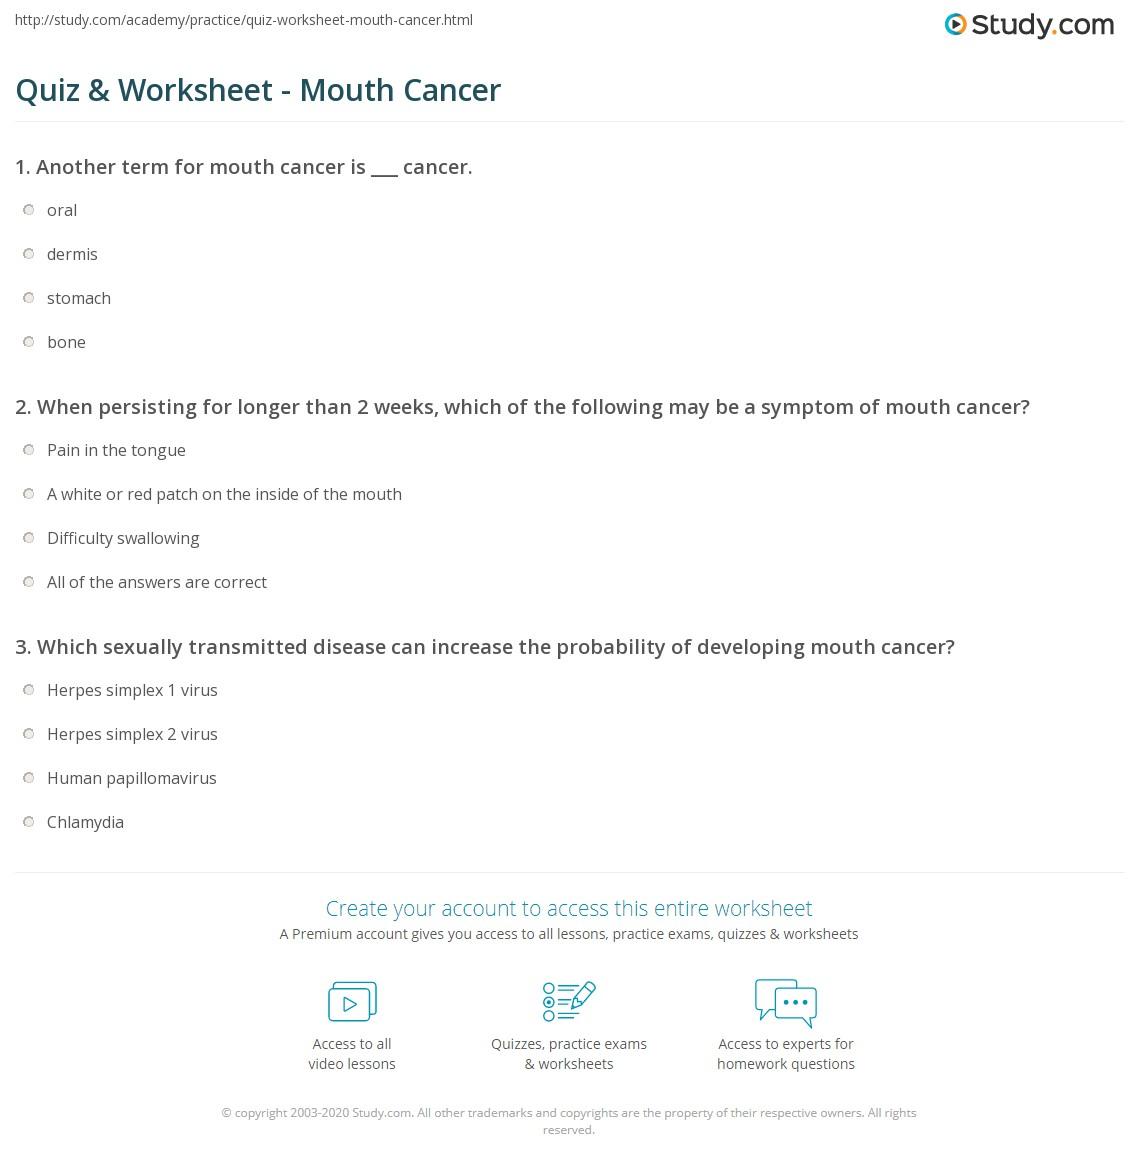 Worksheet Mouth Cancer